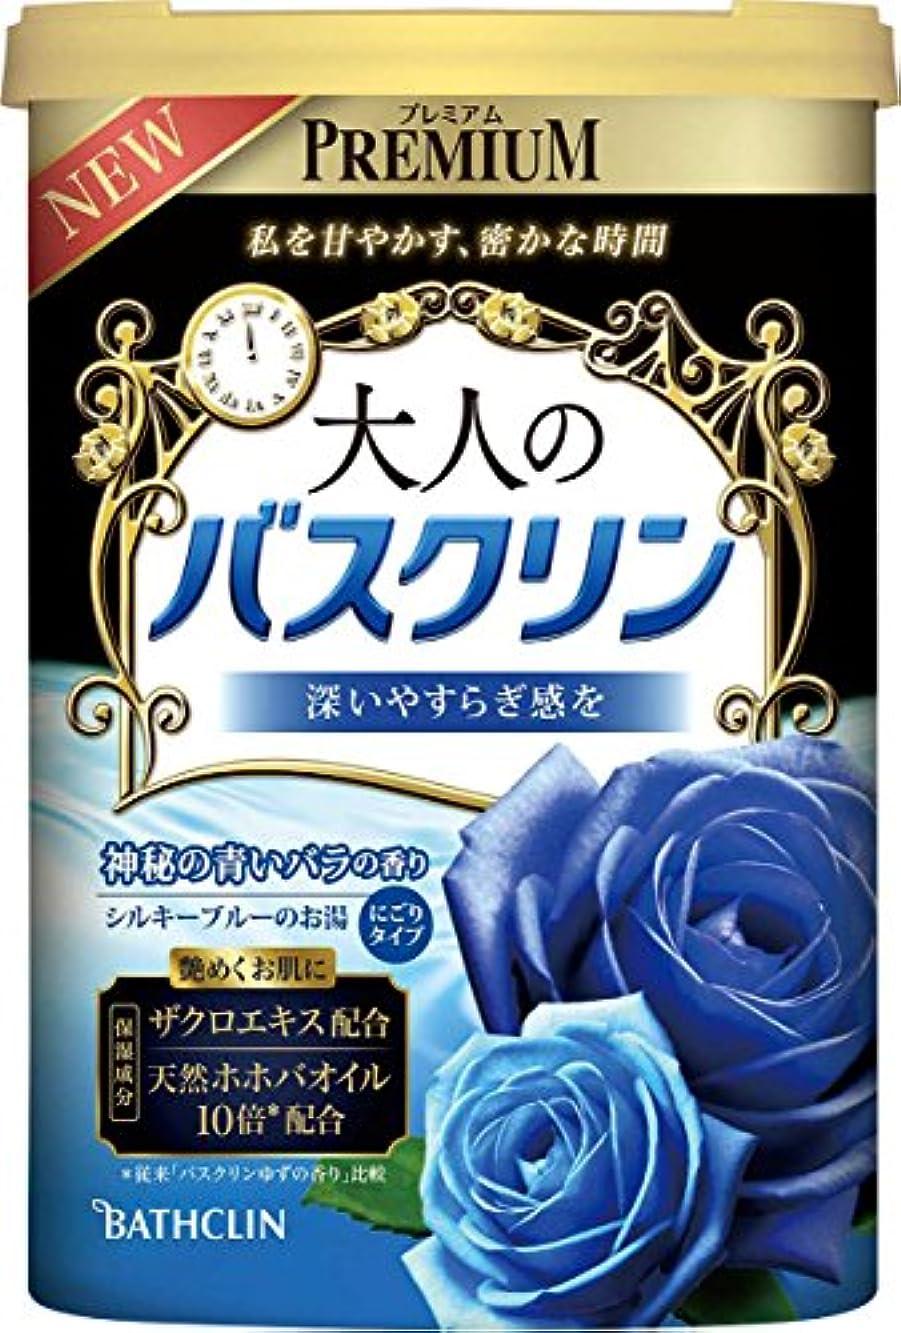 方程式フラフープコンベンション大人のバスクリン 神秘の青いバラの香り 600g入浴剤